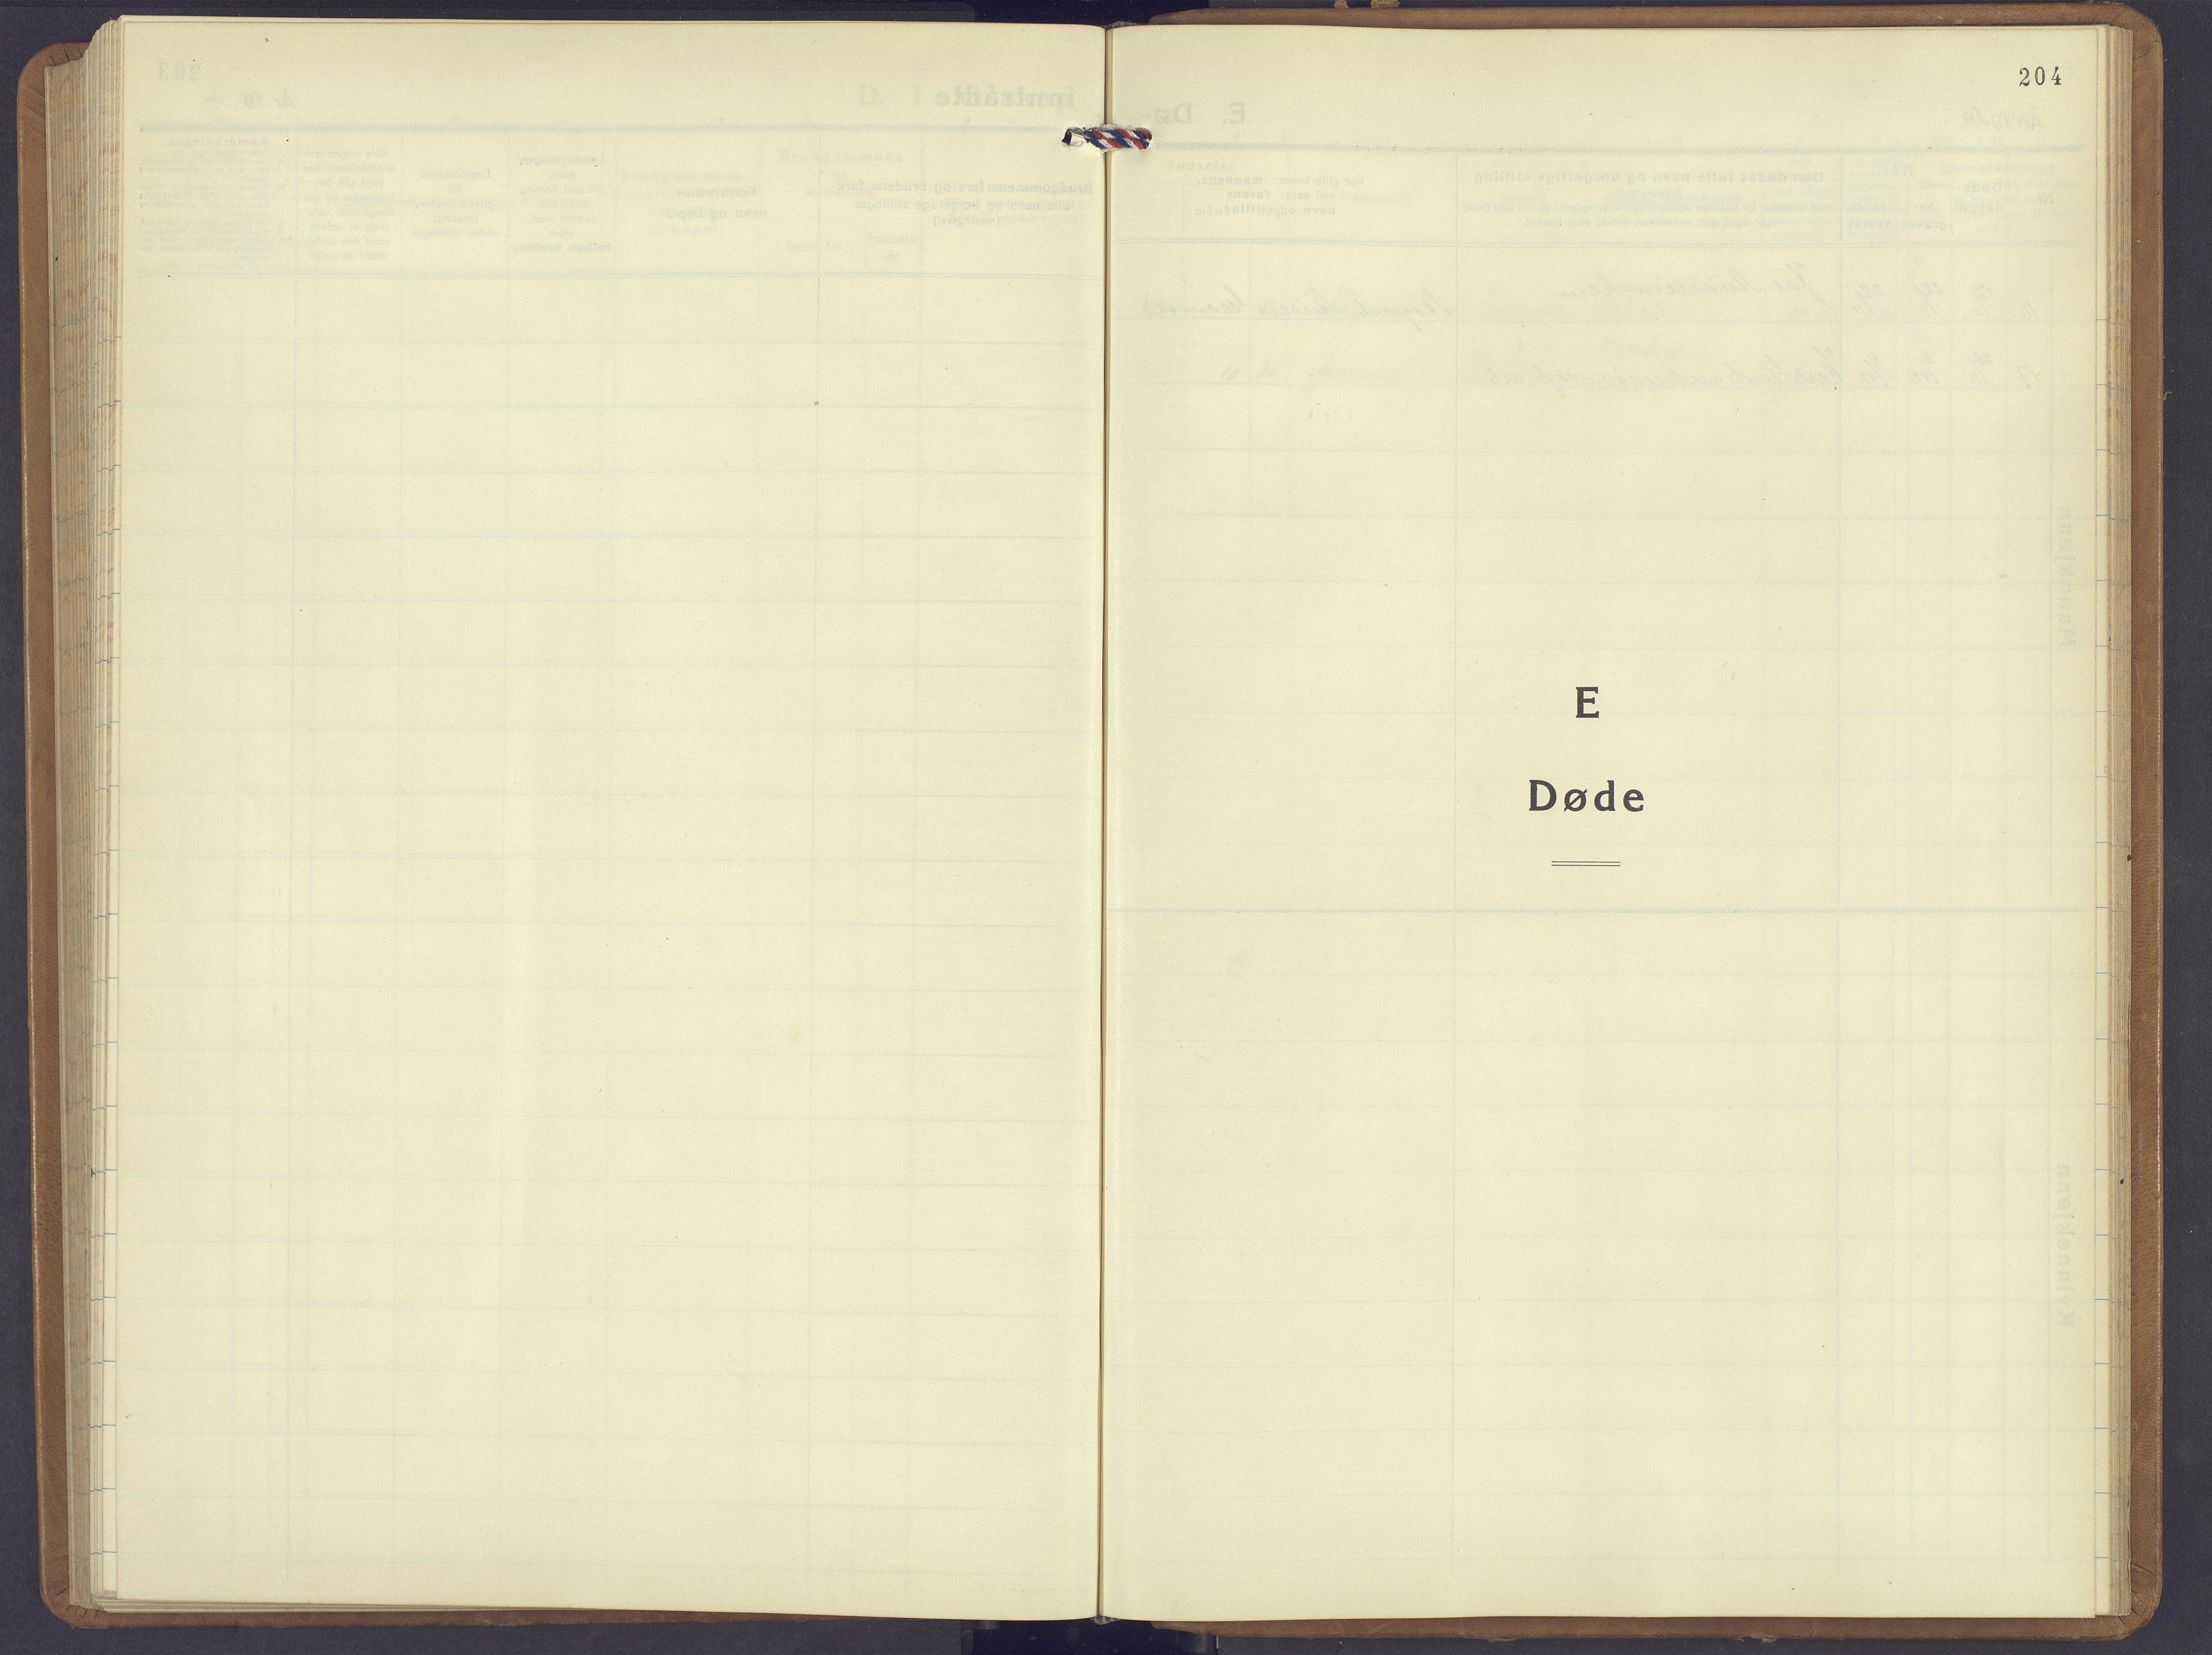 SAH, Jevnaker prestekontor, Klokkerbok nr. 6, 1930-1945, s. 204